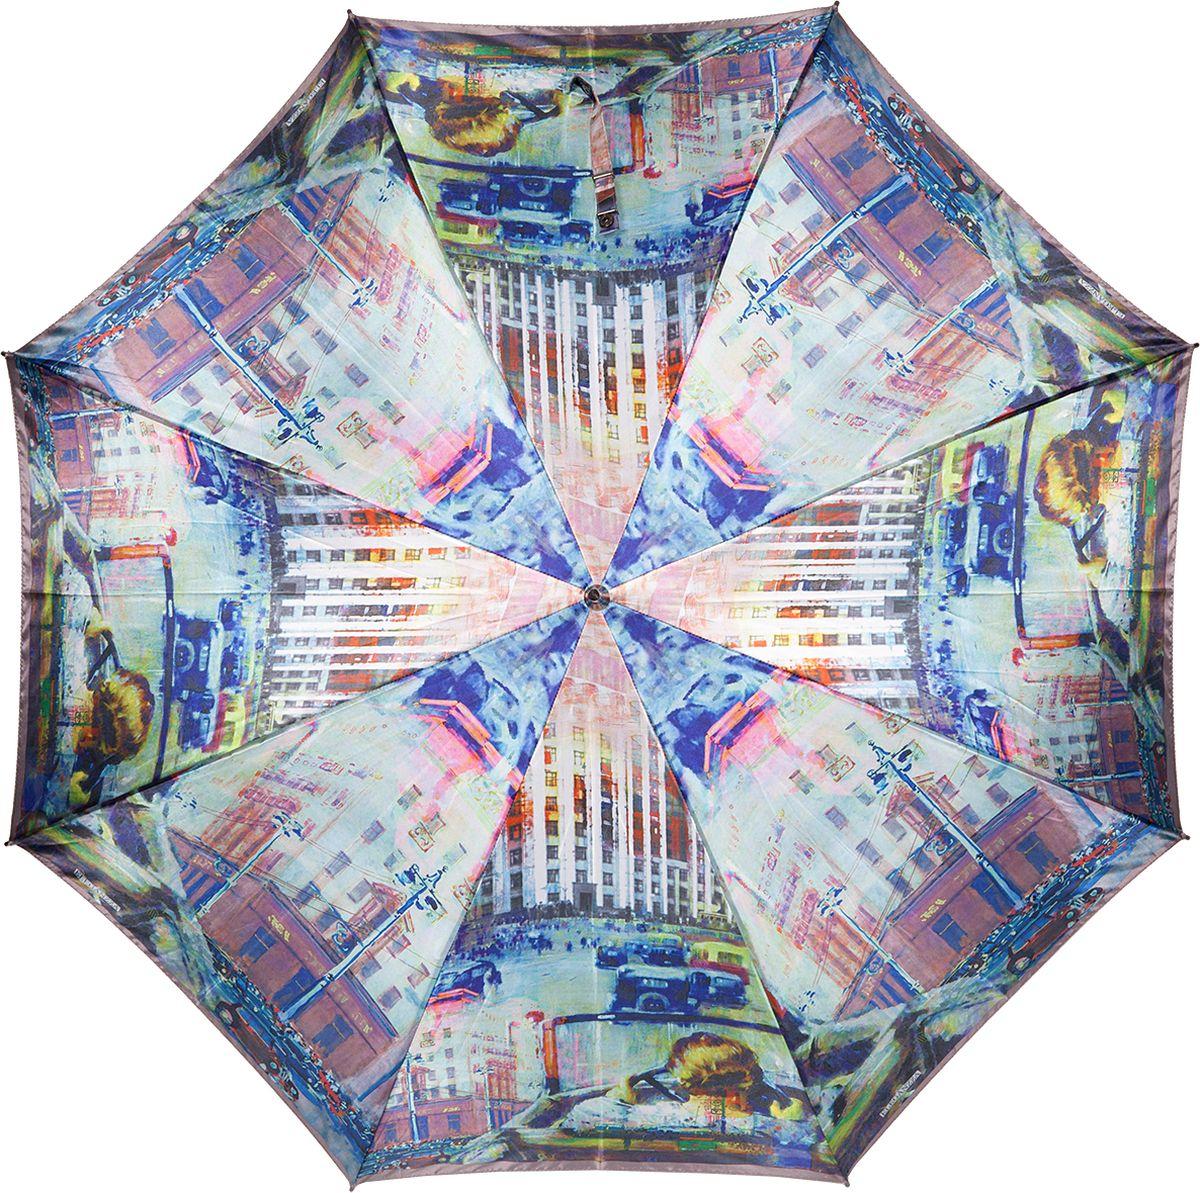 Зонт-трость женский Eleganzza, цвет: оливковый. T-06-0315Колье (короткие одноярусные бусы)Женский зонт-трость торговой марки ELEGANZZA. Материал купола 100% полиэстер, сатин. Материал каркаса: сталь + фибергласс. Материал ручки: акрил. Длина изделия - 89 см. Диаметр купола - 105 см.